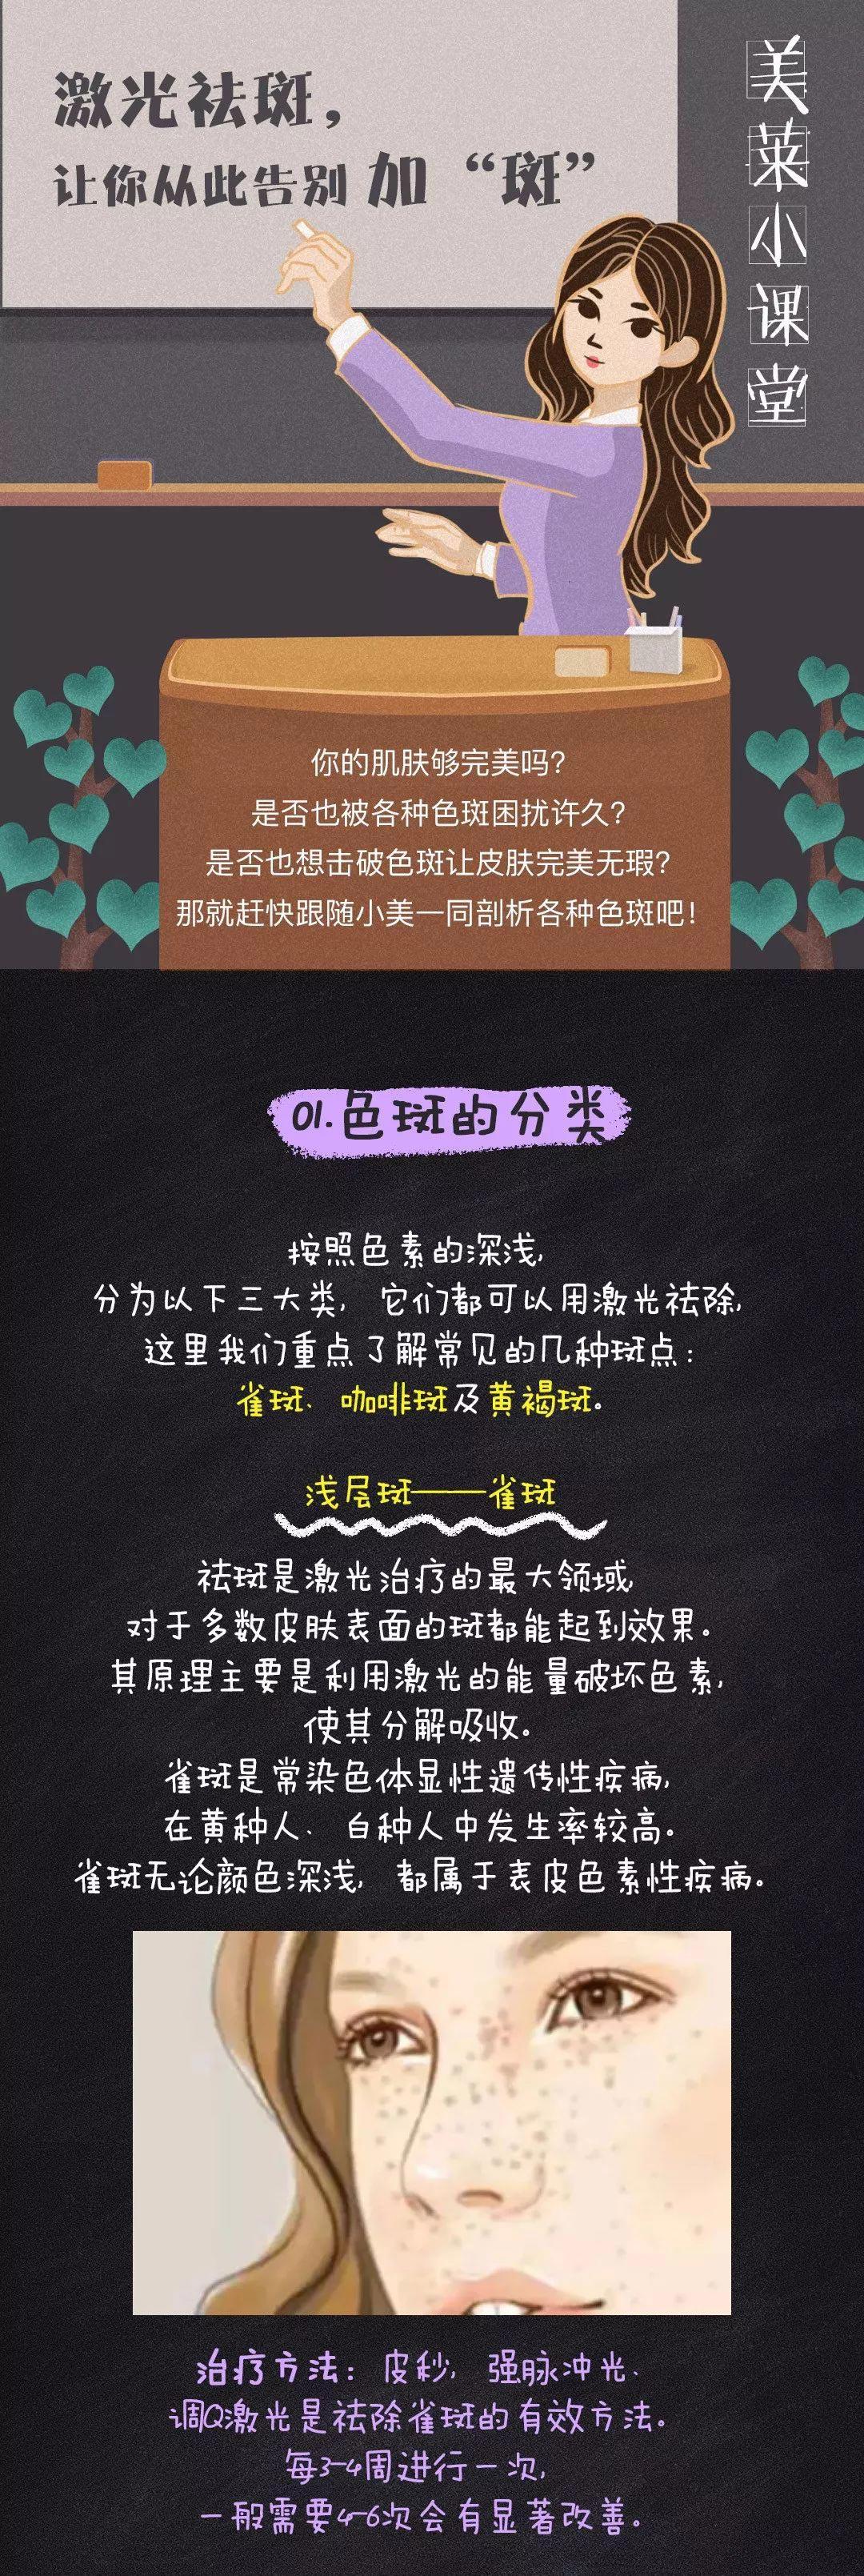 上海美莱激光祛斑